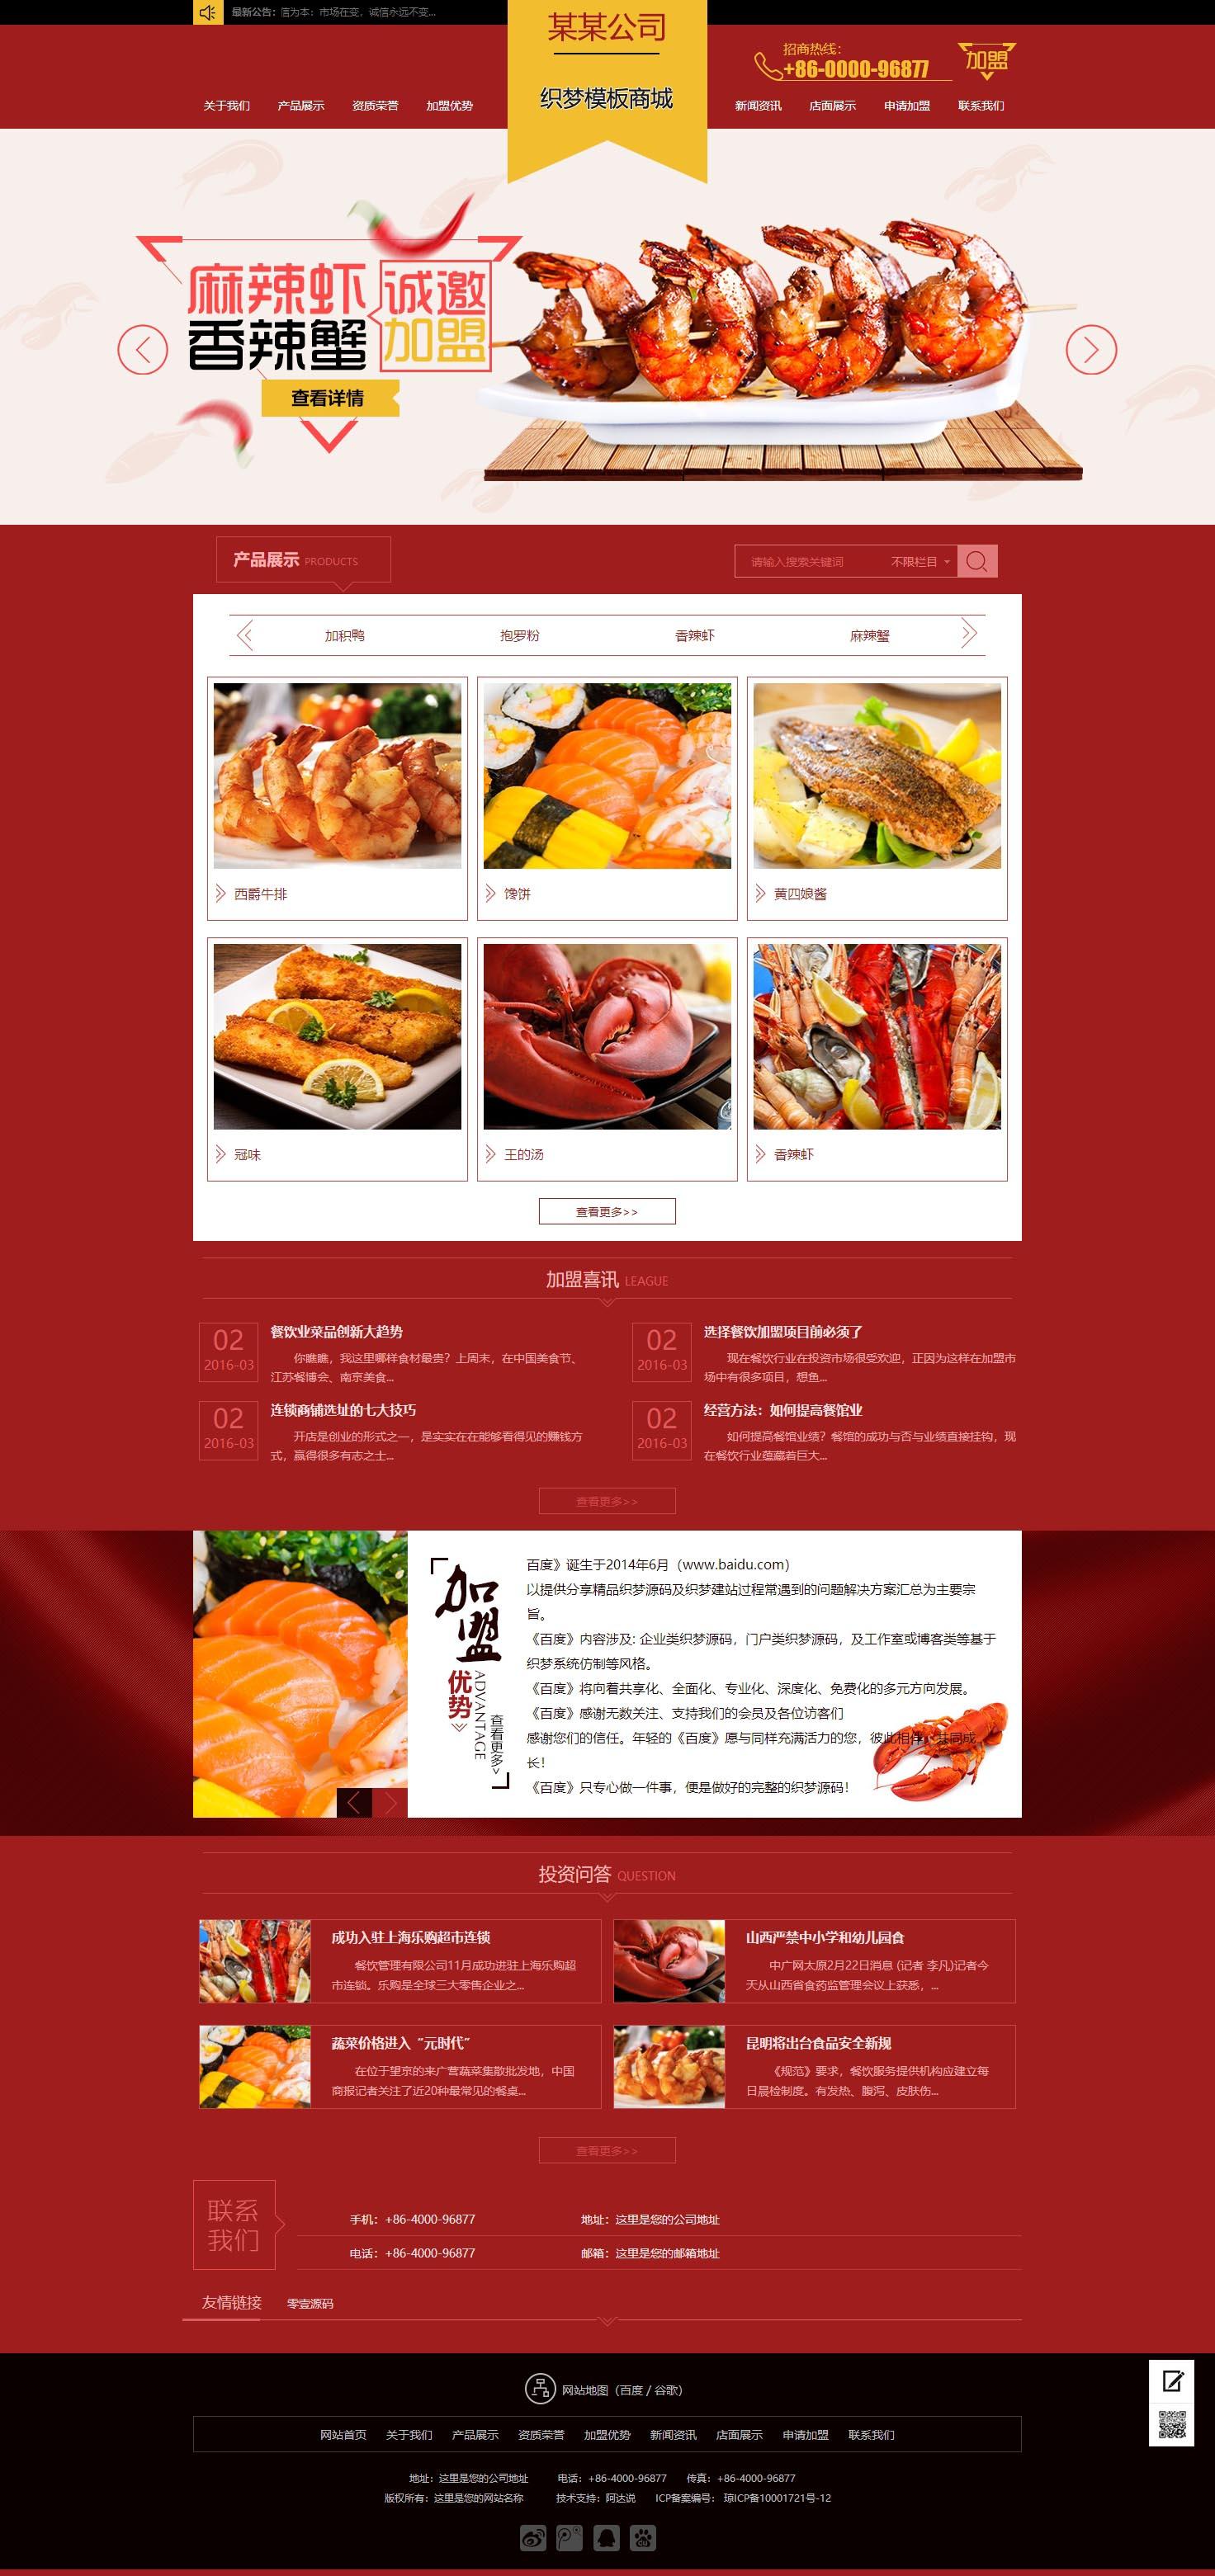 红色招商加盟食品类企业网站织梦dedecms模板(带手机端)